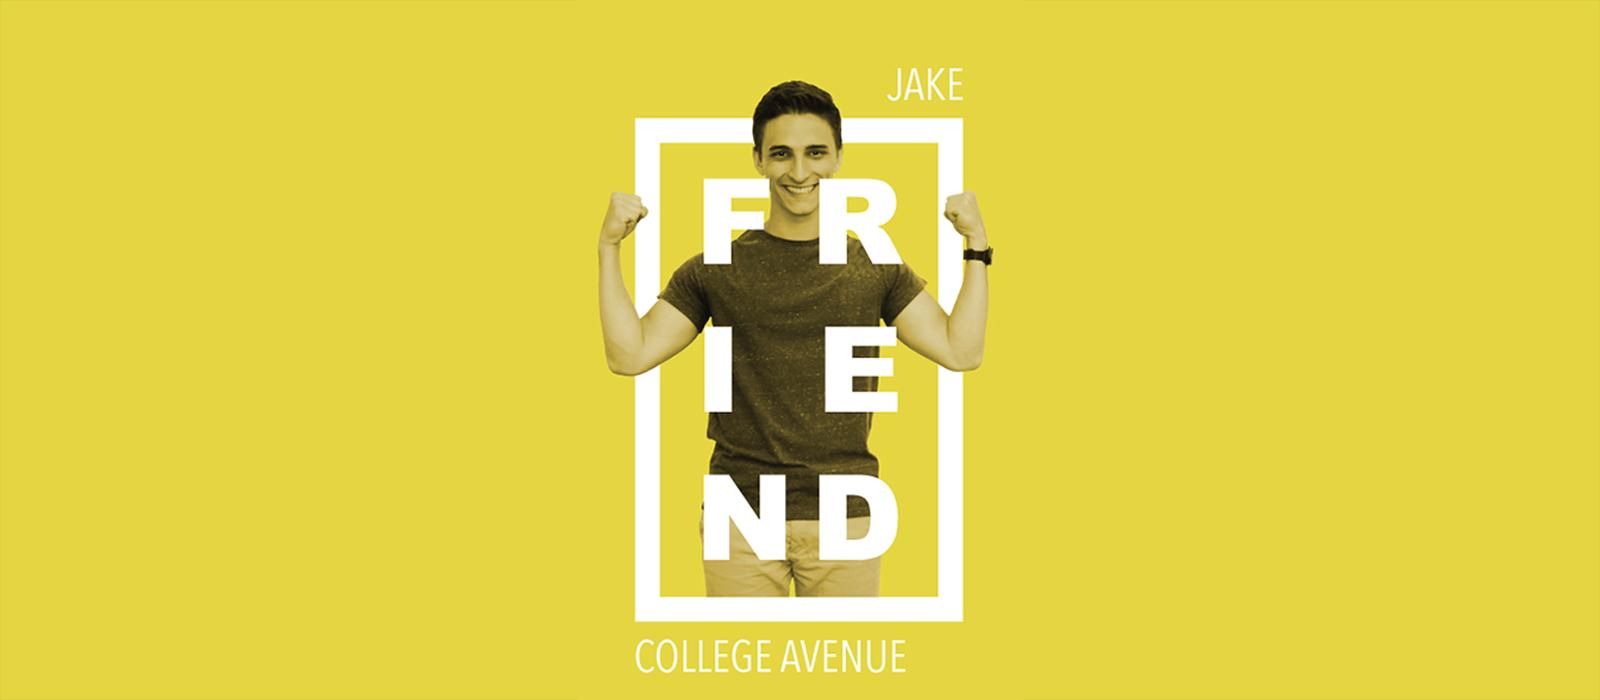 jake-friend-web-img-1600x700